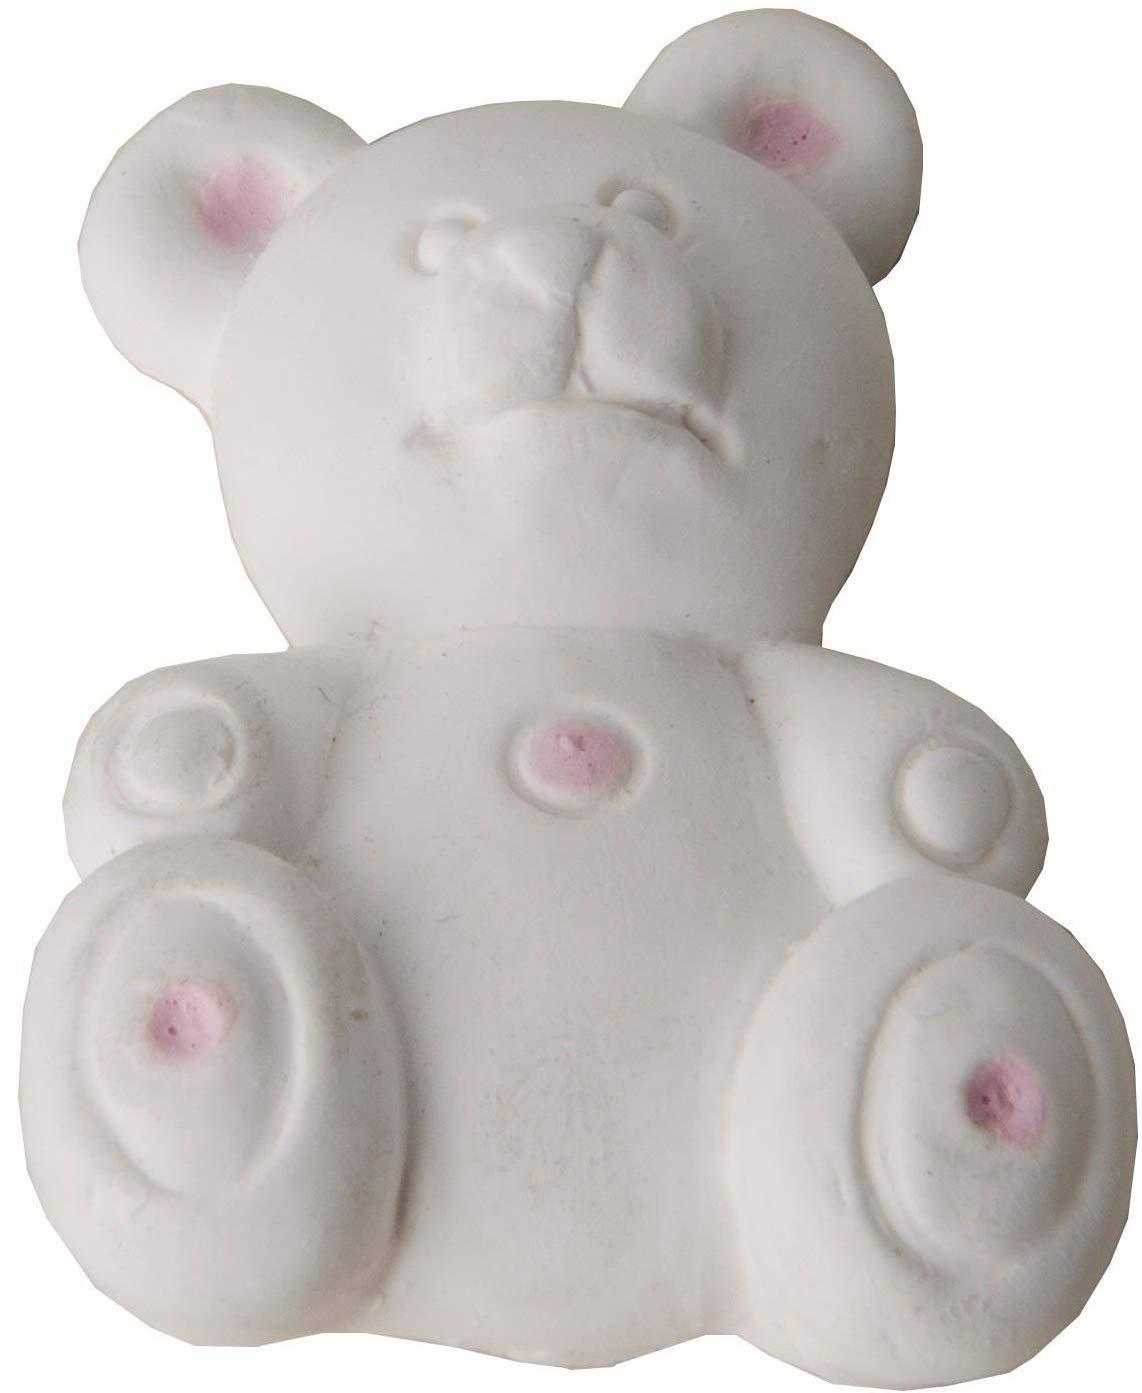 Ositos de yeso blanco con detalles rosa para bebés, se pueden perfumar, como regalo para invitados en nacimientos, bautismo o comunión